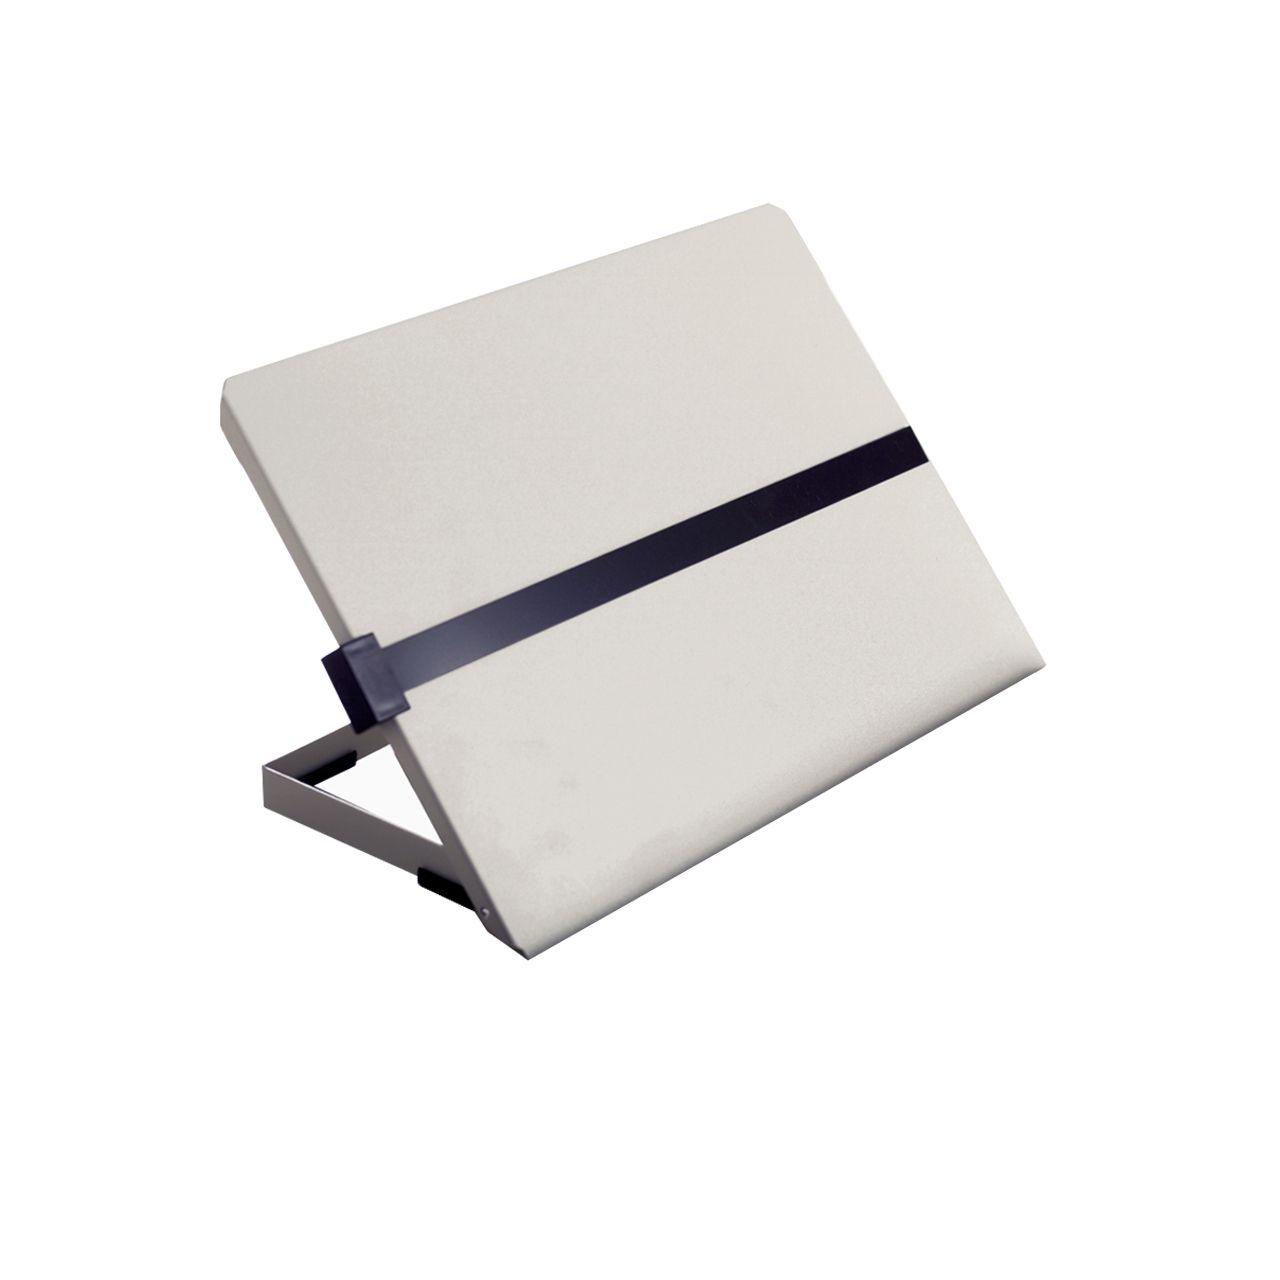 Metalen-concepthouder-met-lineaal-documentenhouder-erkamet134_0005s_0000_voorkant